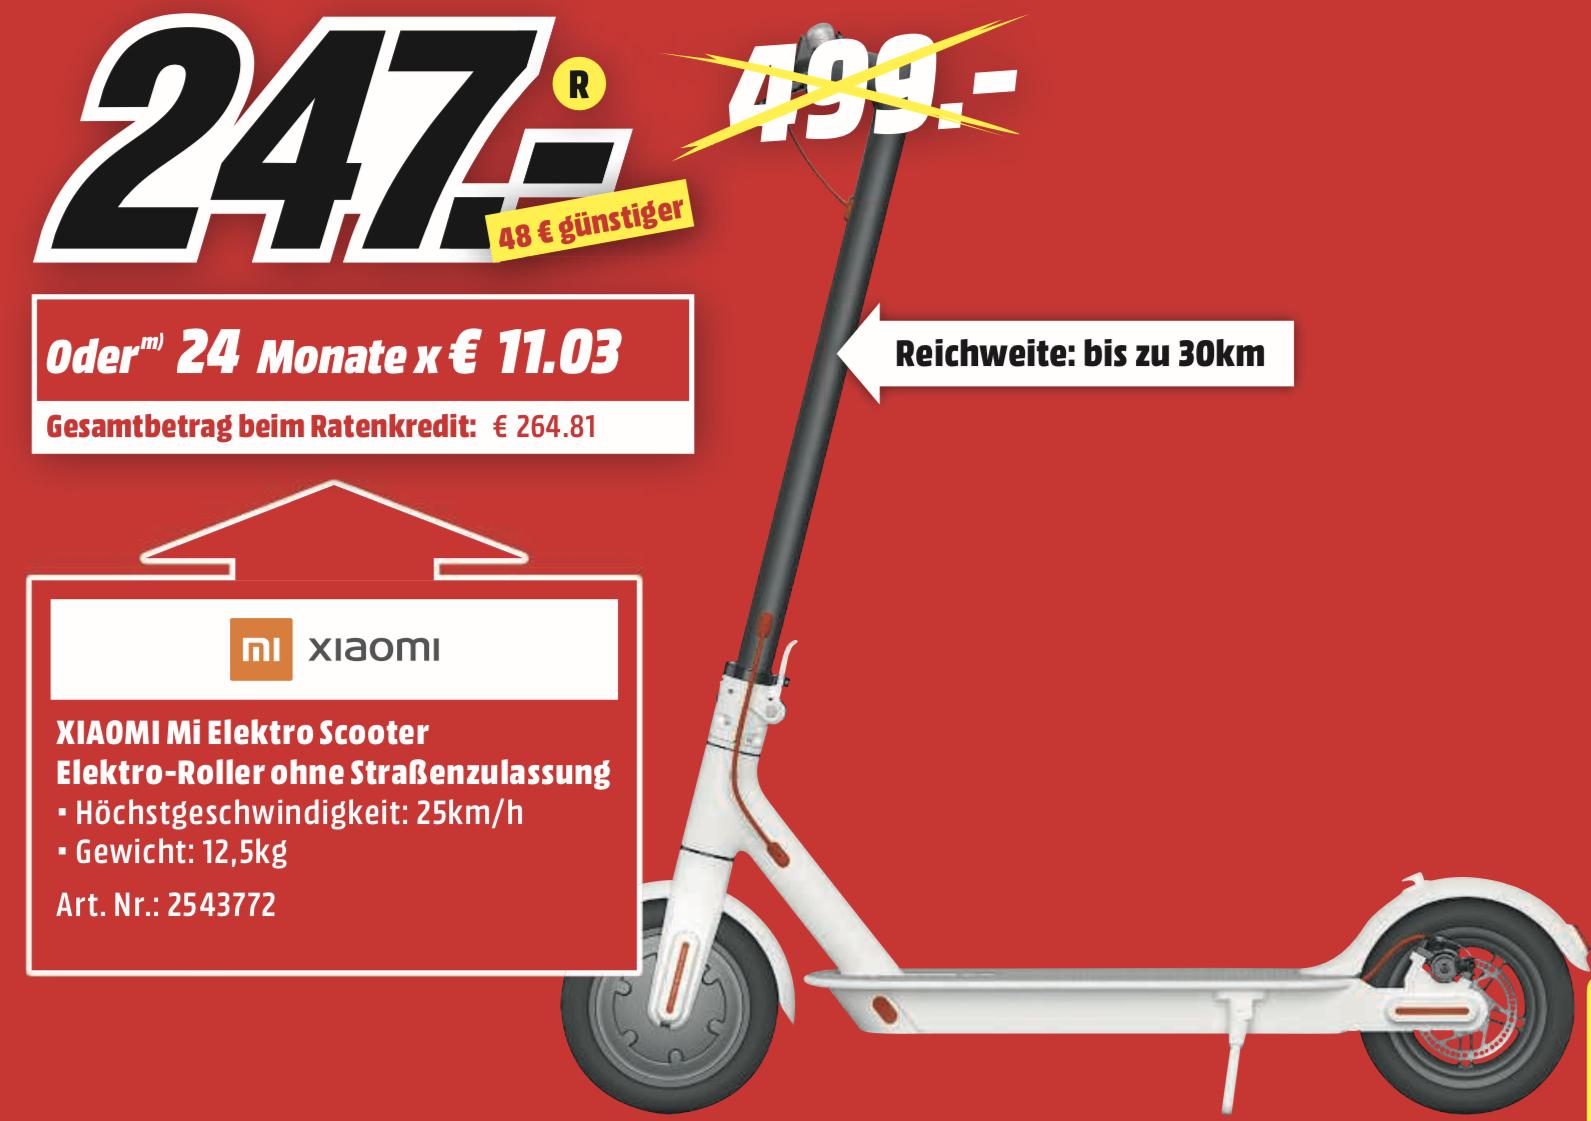 Lokal MediaMarkt Kaiserslautern: XIAOMI MI M365 Electric Scooter weiss für 247€ - ohne Straßenzulassung